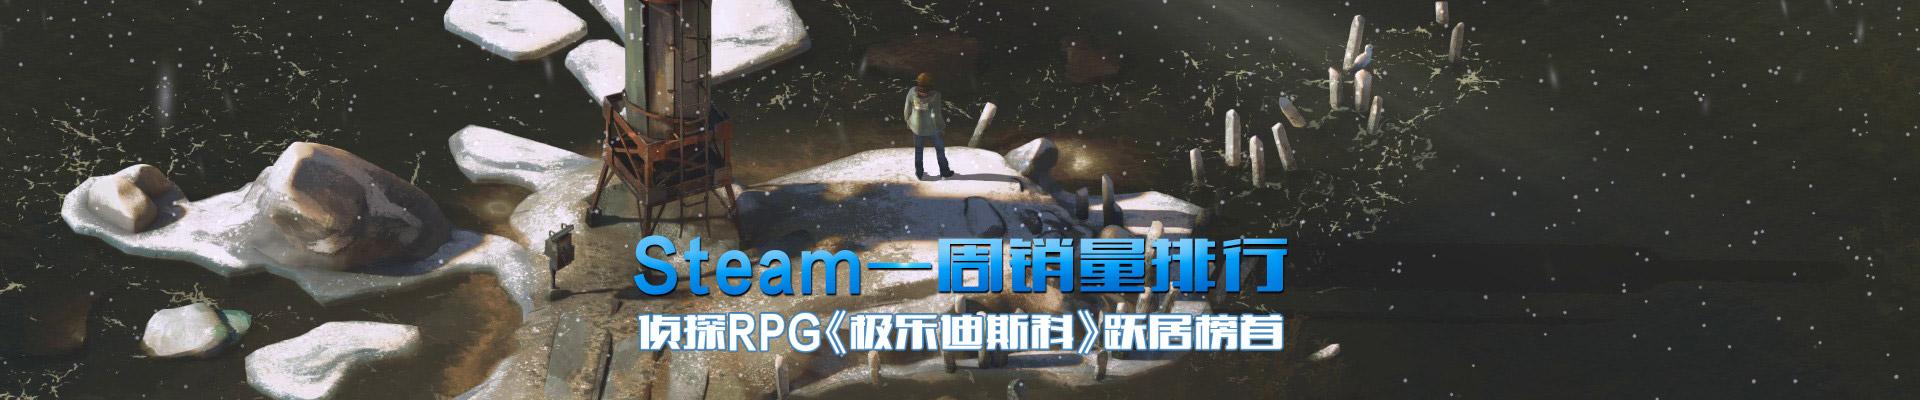 Steam周销量排行榜:侦探RPG《极乐迪斯科》跃居榜首